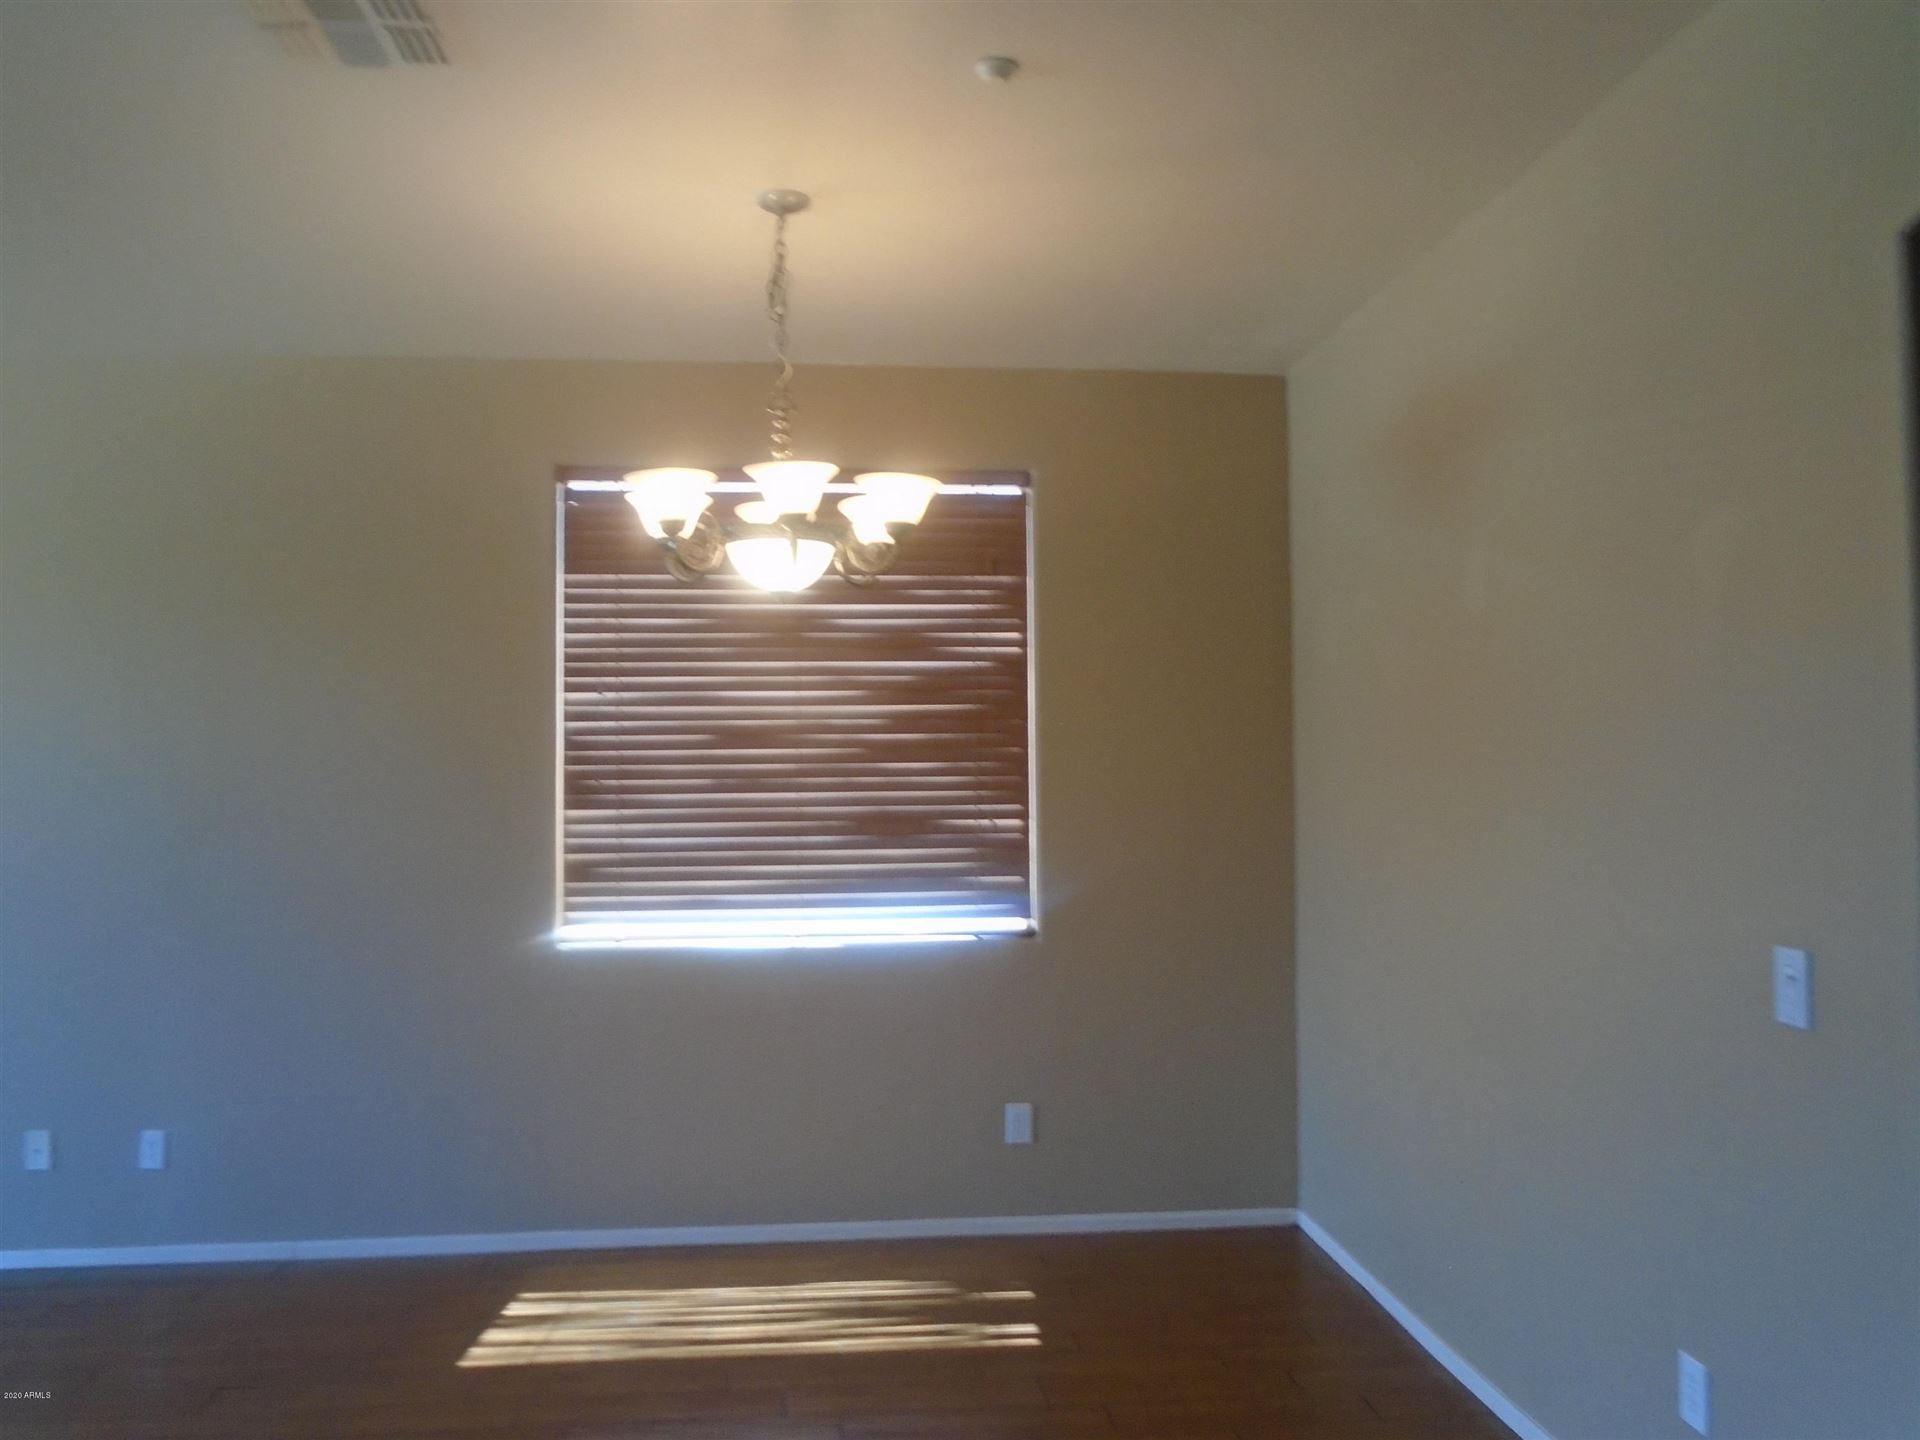 Photo of 12090 W DOVE WING Way, Peoria, AZ 85383 (MLS # 6288433)